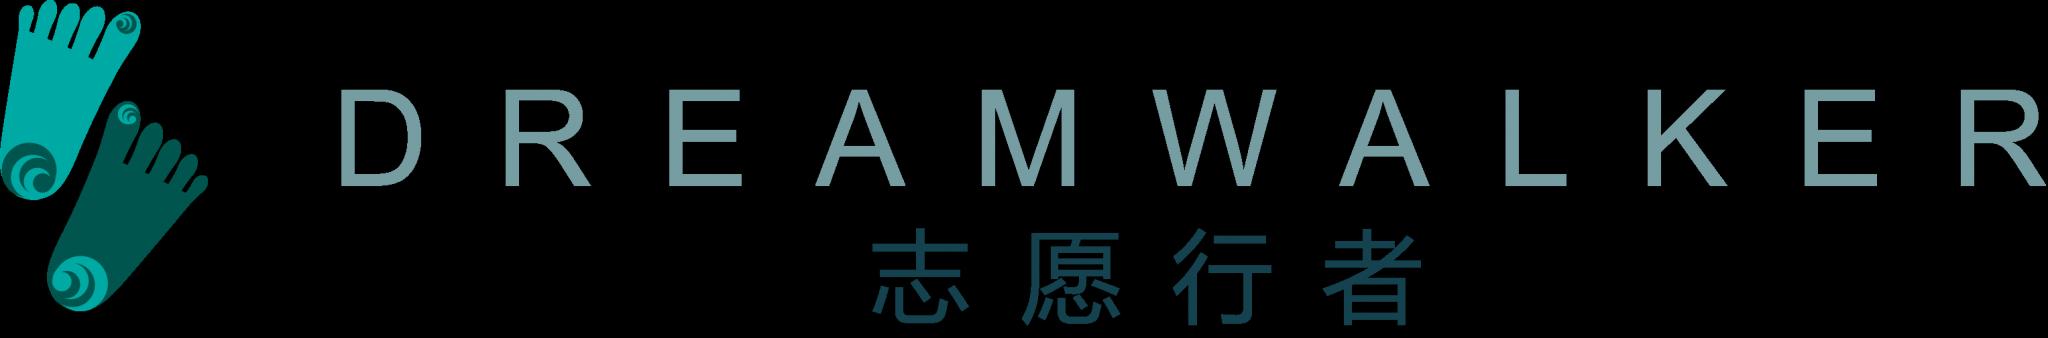 志愿行者DreamwalkerChina|国际志愿者